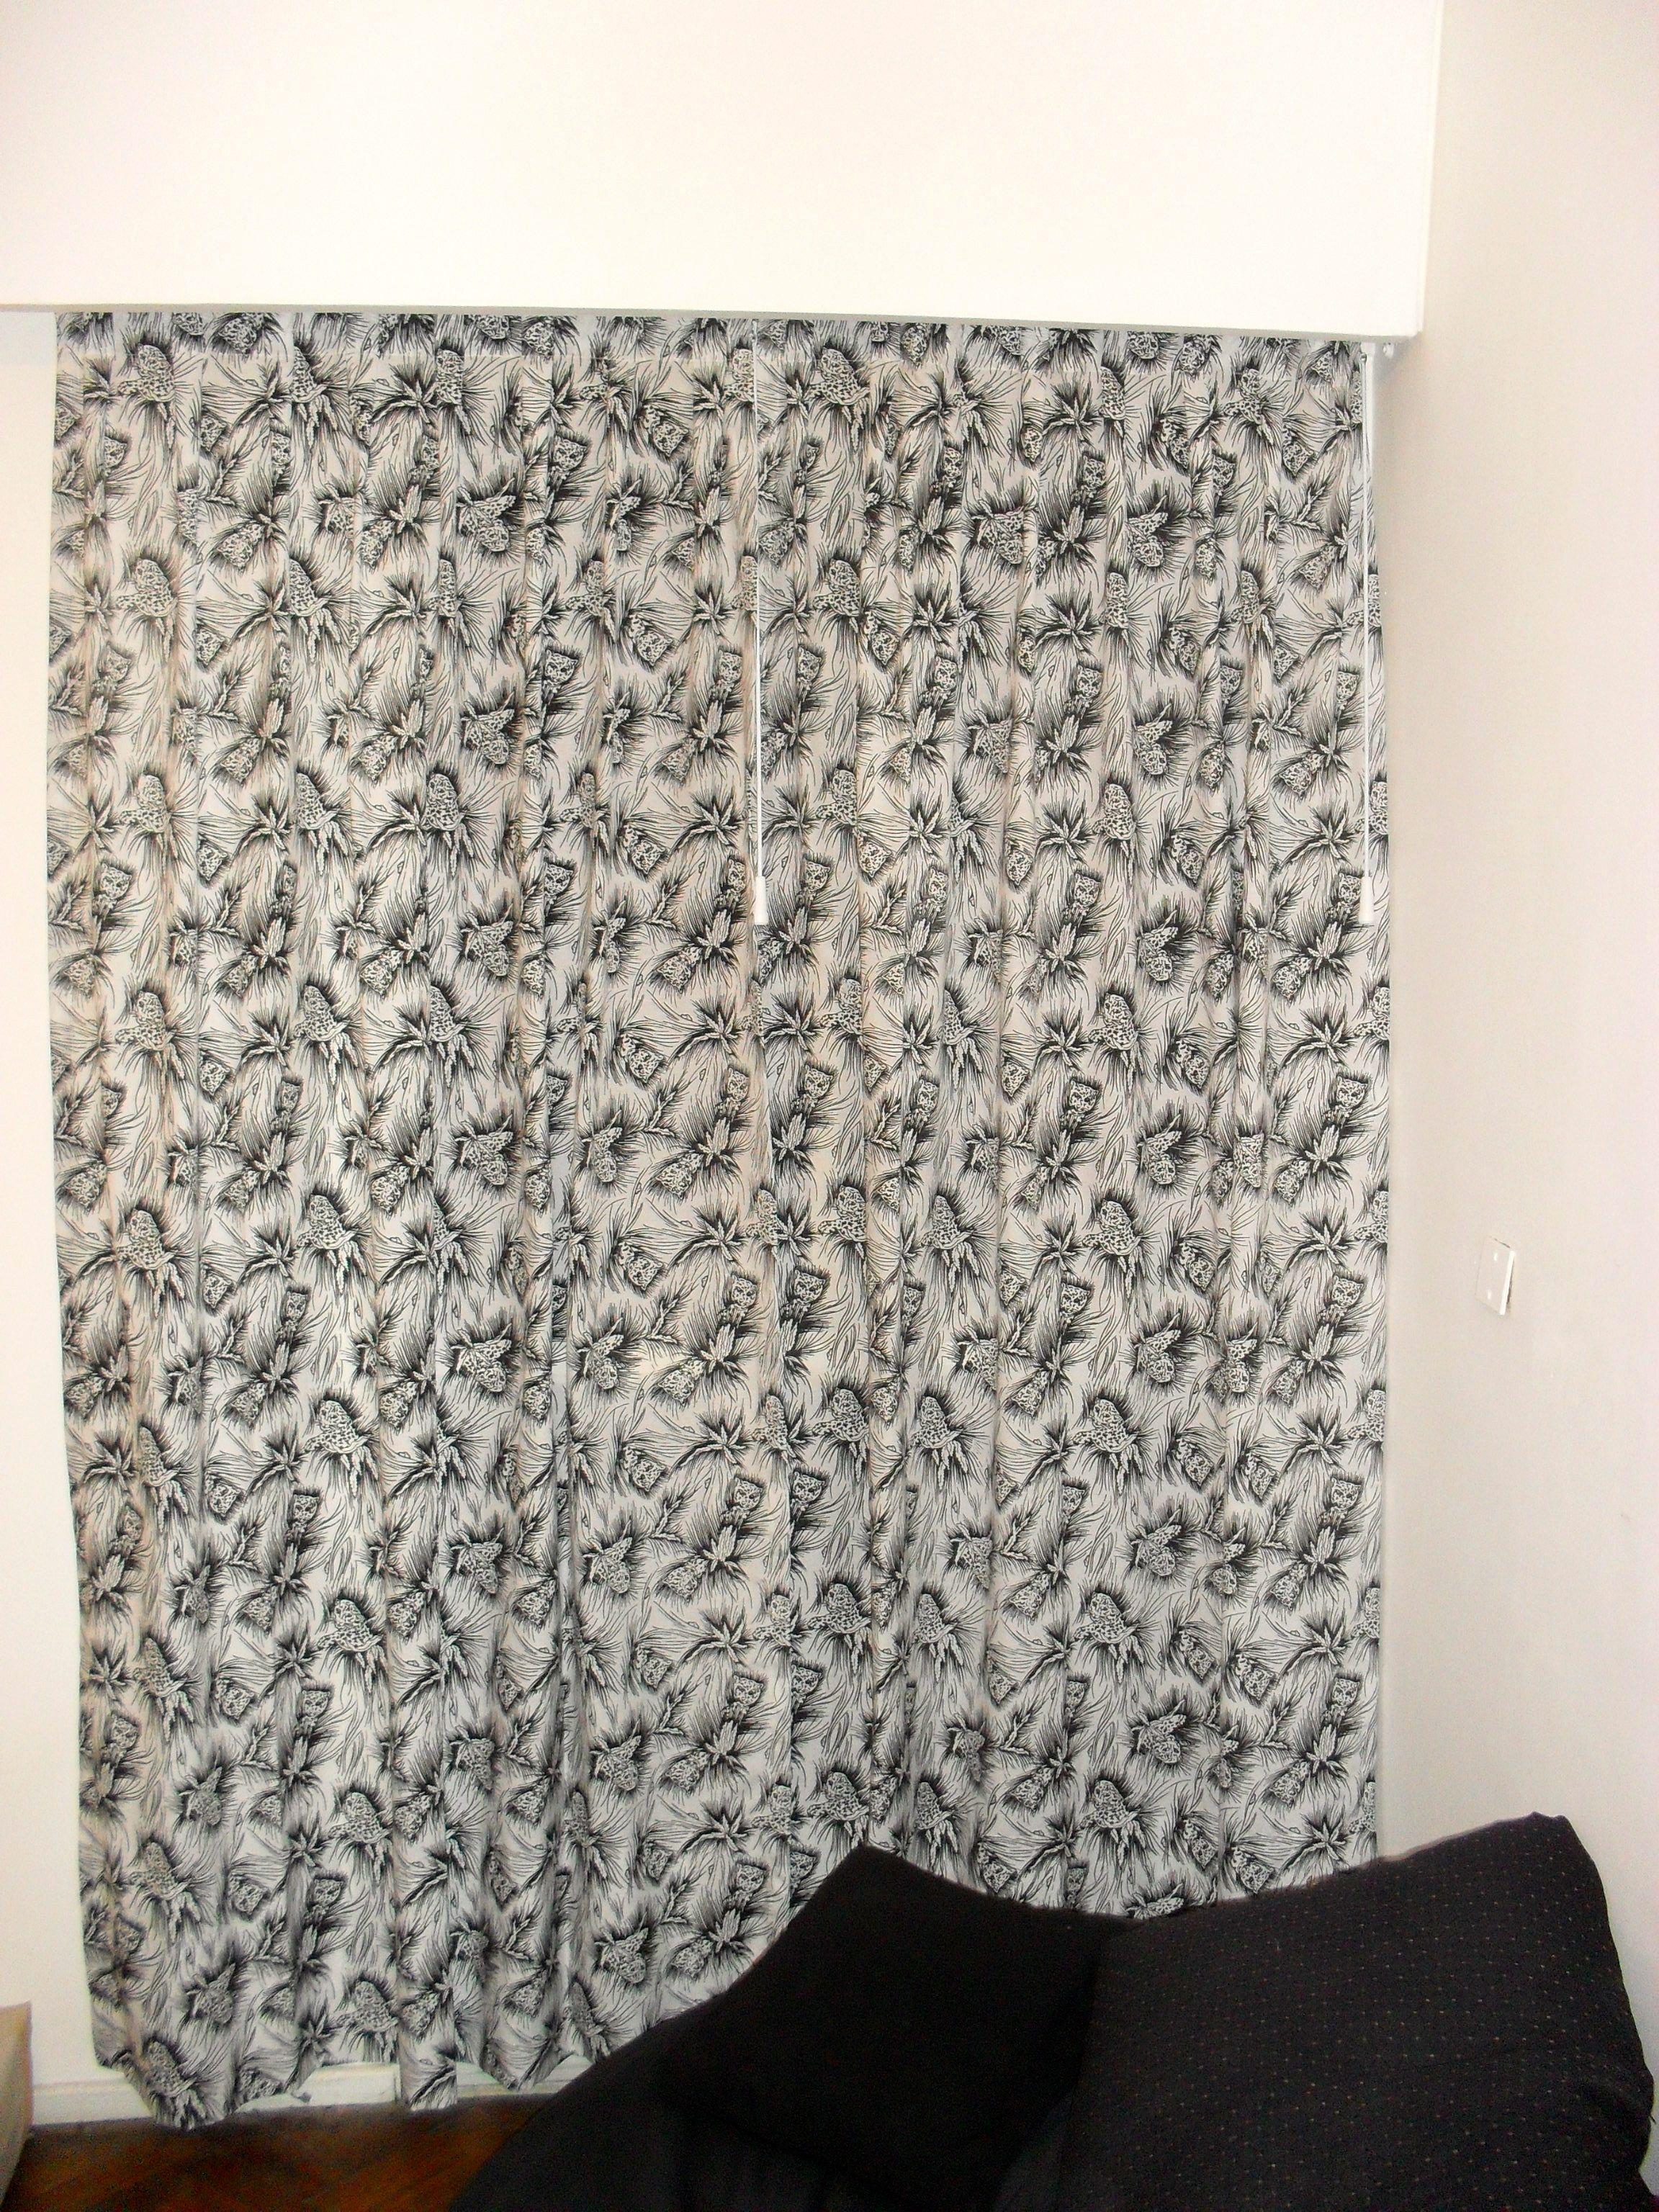 cortina animal print tela panam con cabezal de tabln encontrado y cm de